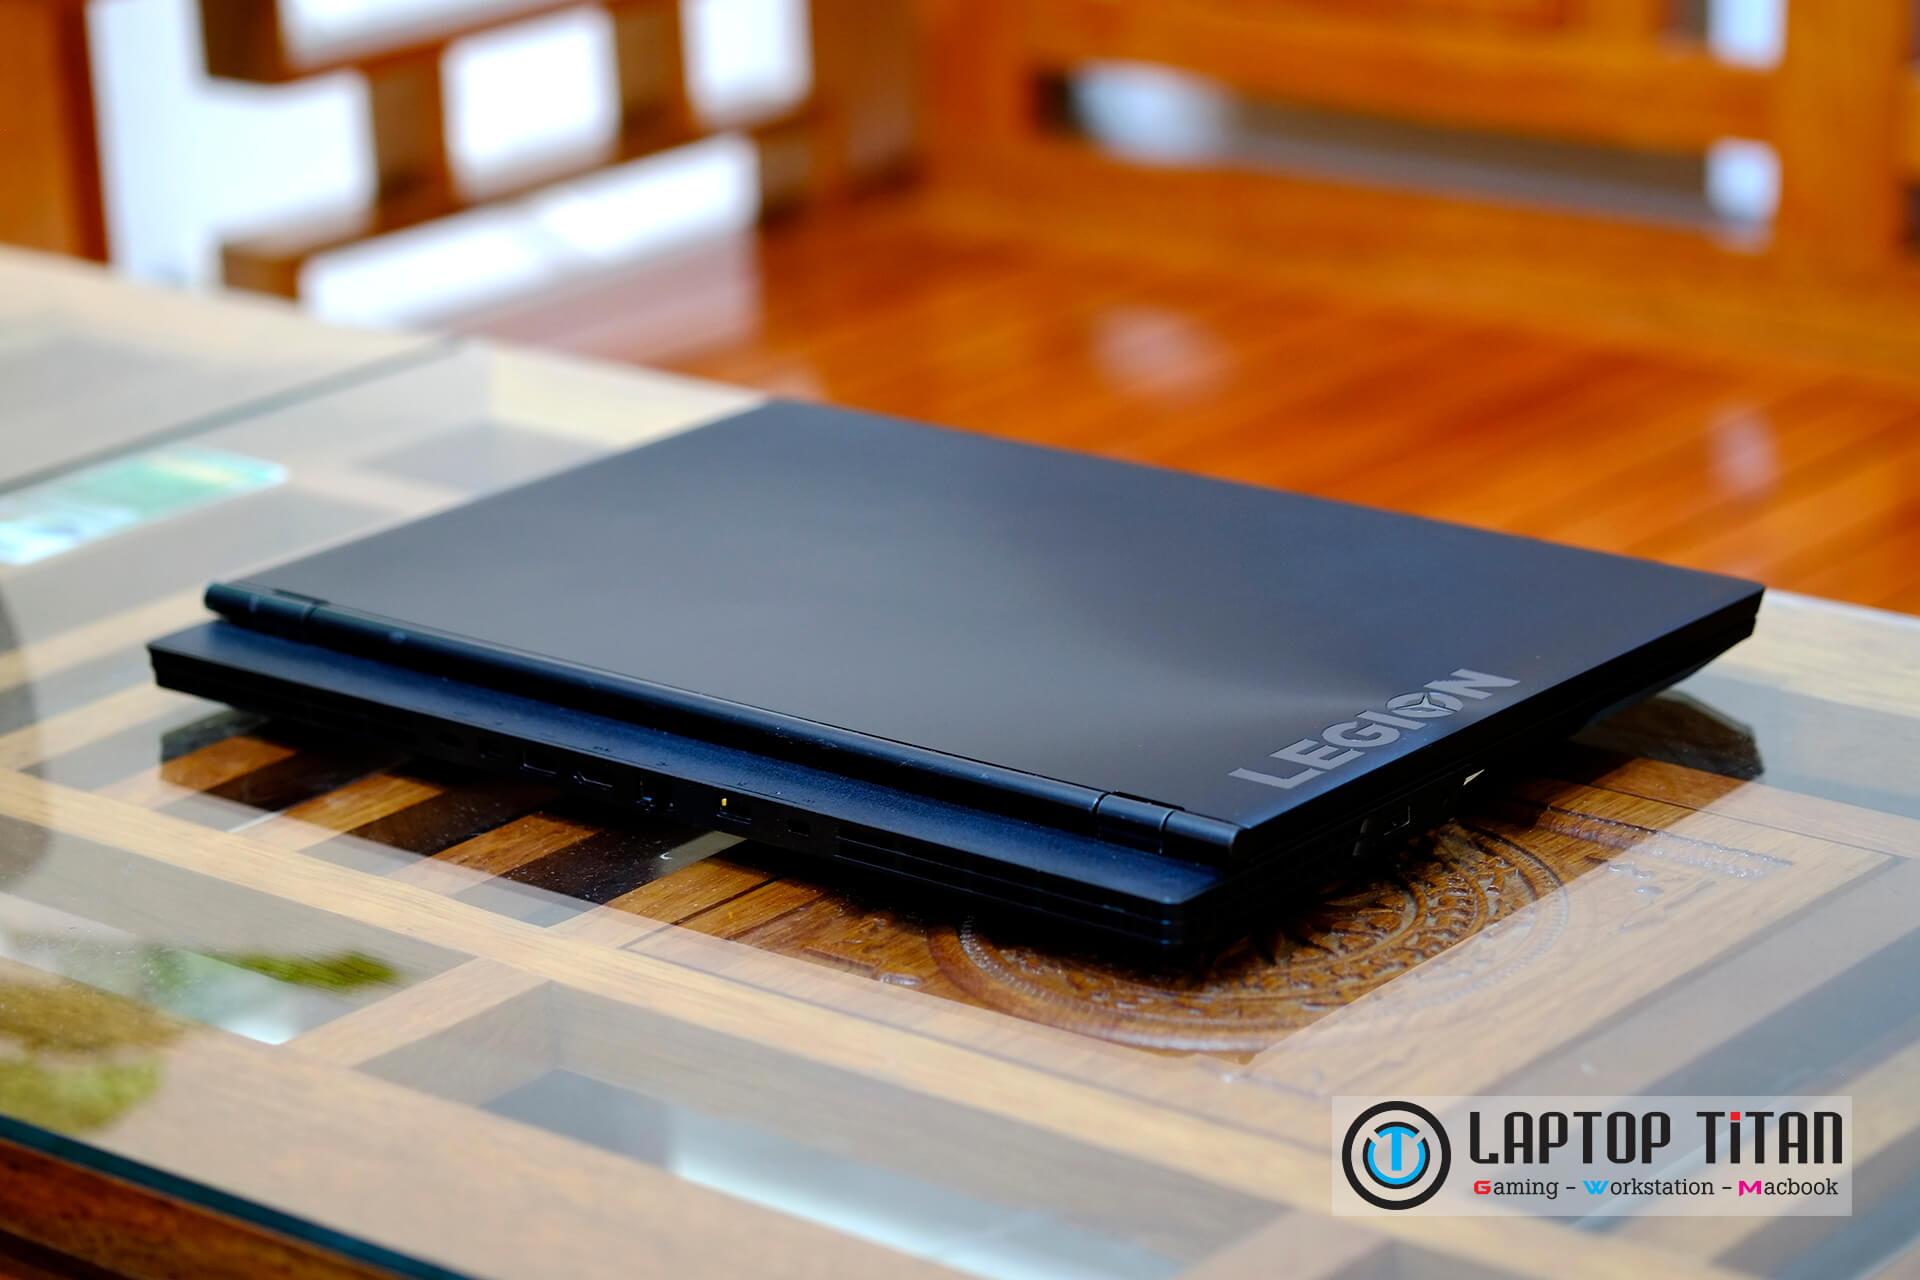 Lenovo Legion Y540 Core i7 9750H / 8GB / 128GB + 1TB / GTX 1650 / 15.6-inch FHD